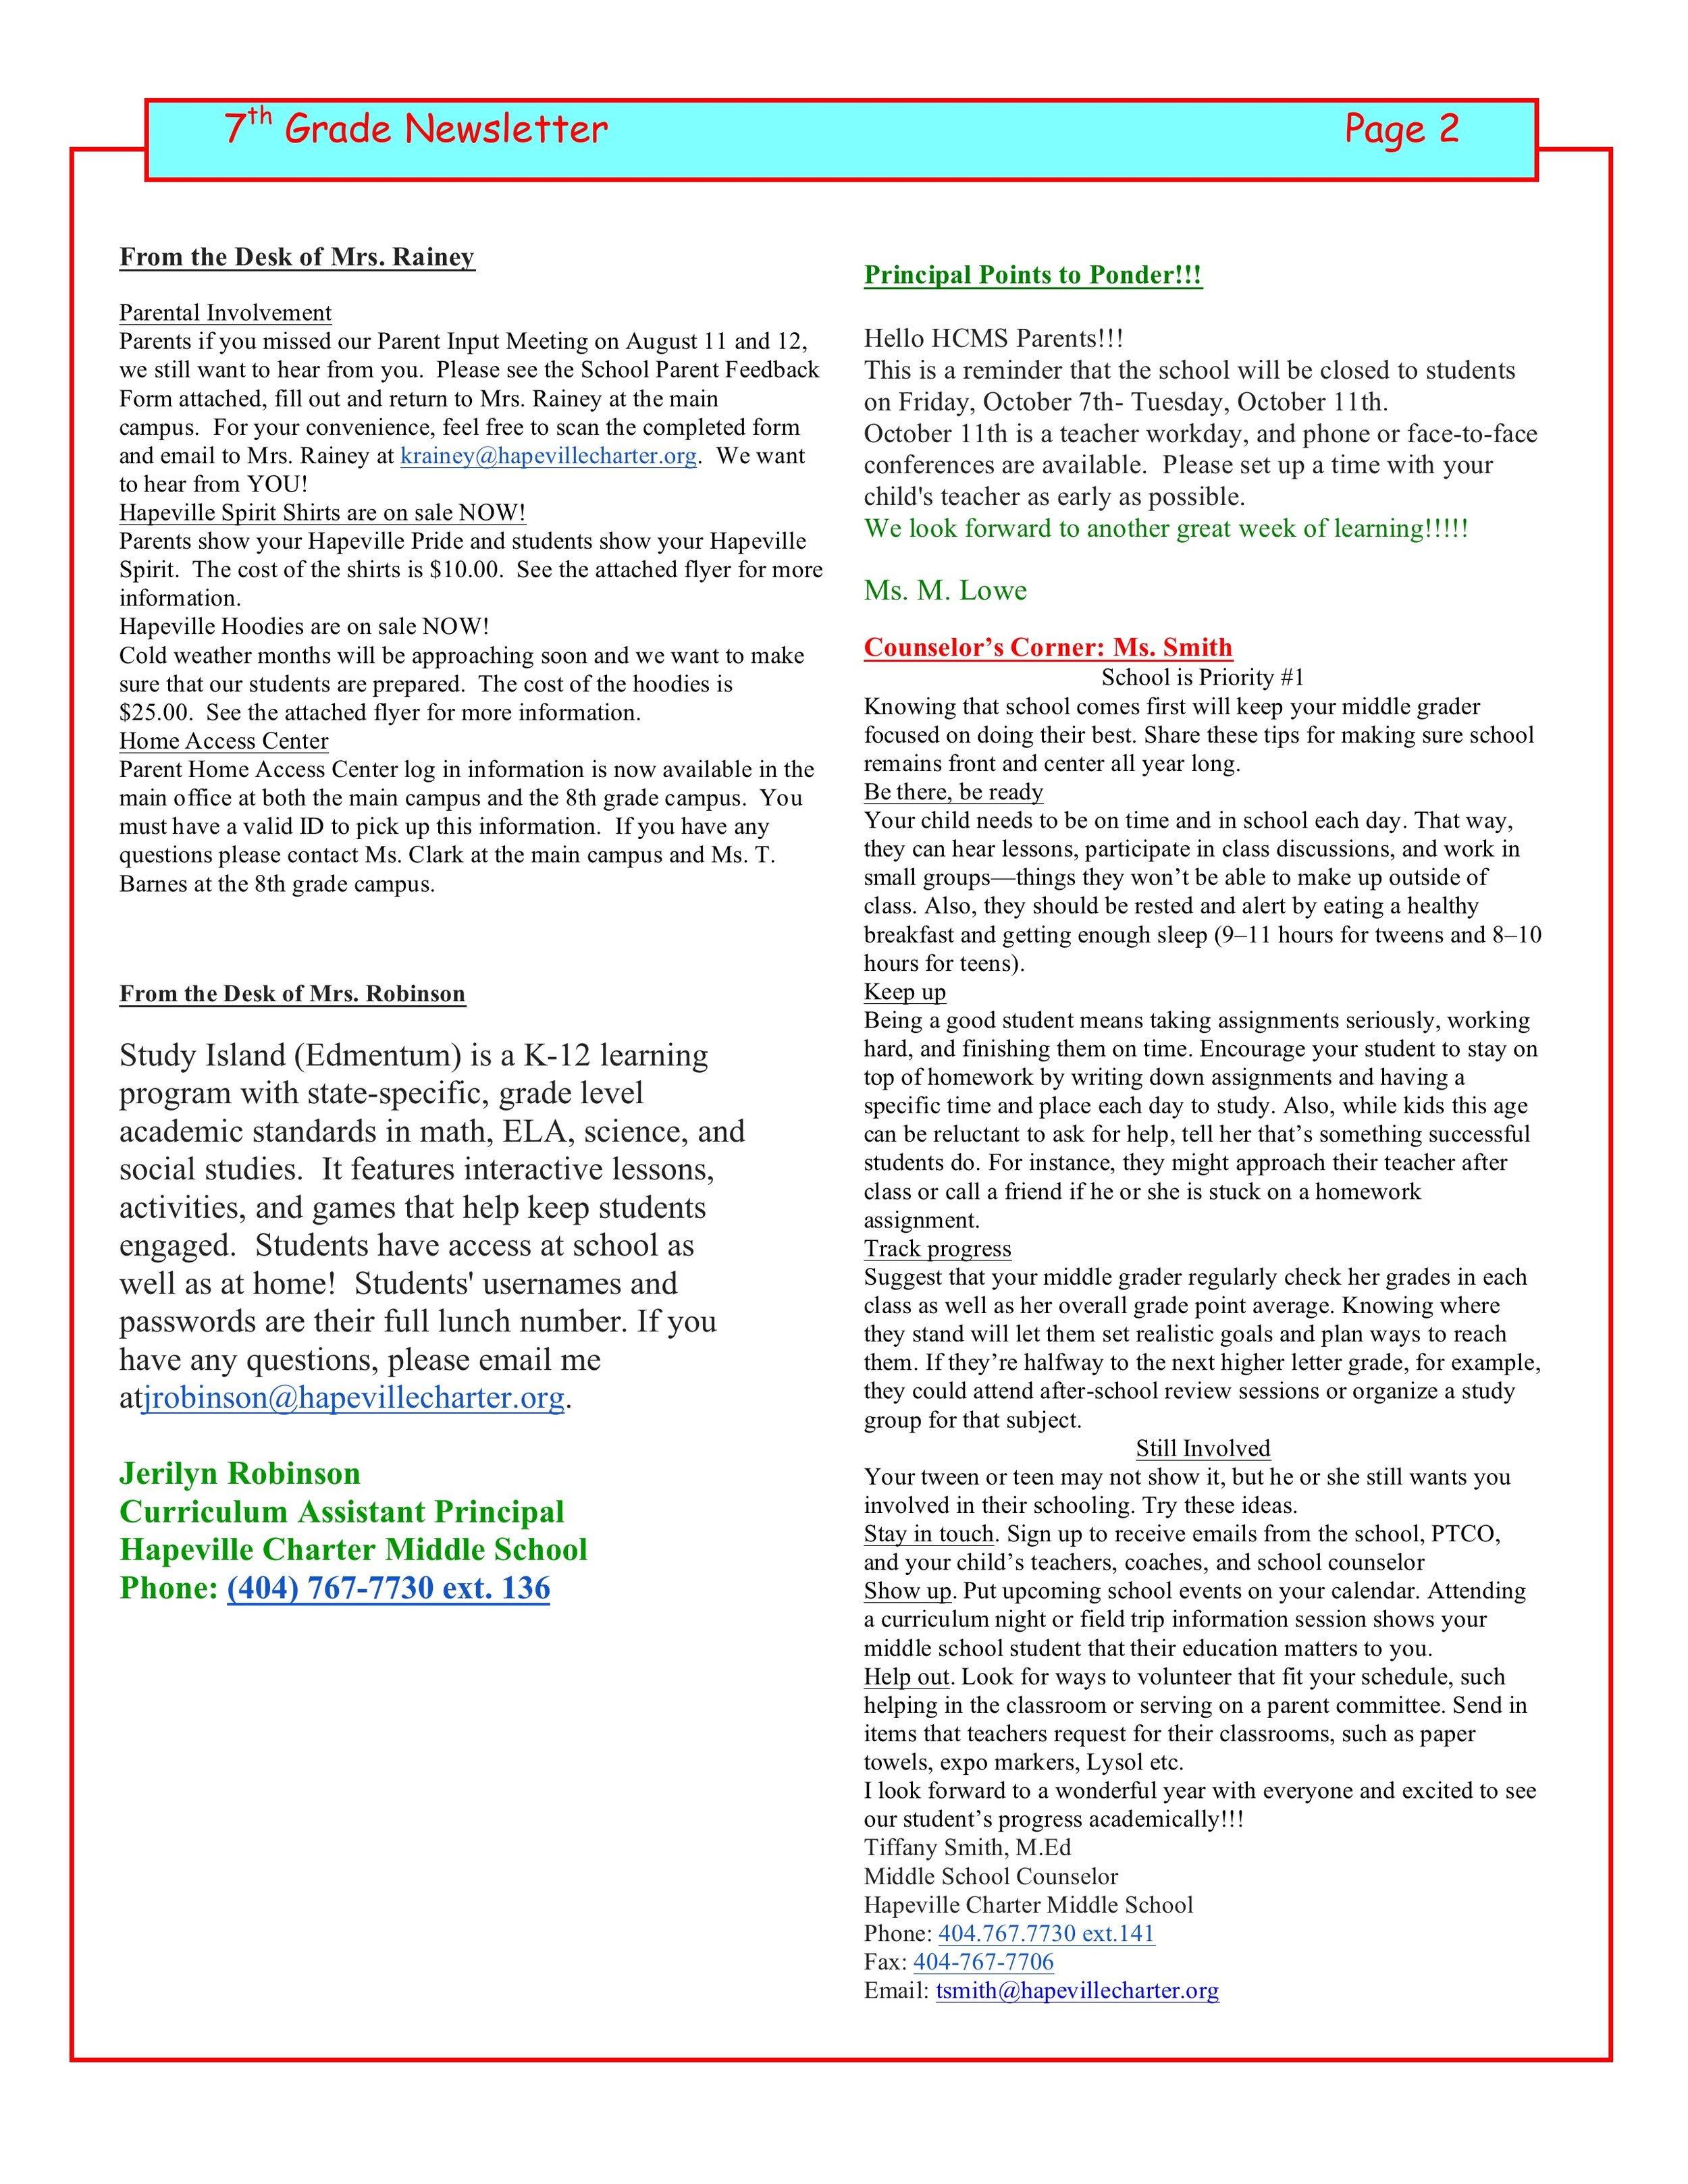 Newsletter Image7th Grade Newsletter 10.10.2016  2.jpeg